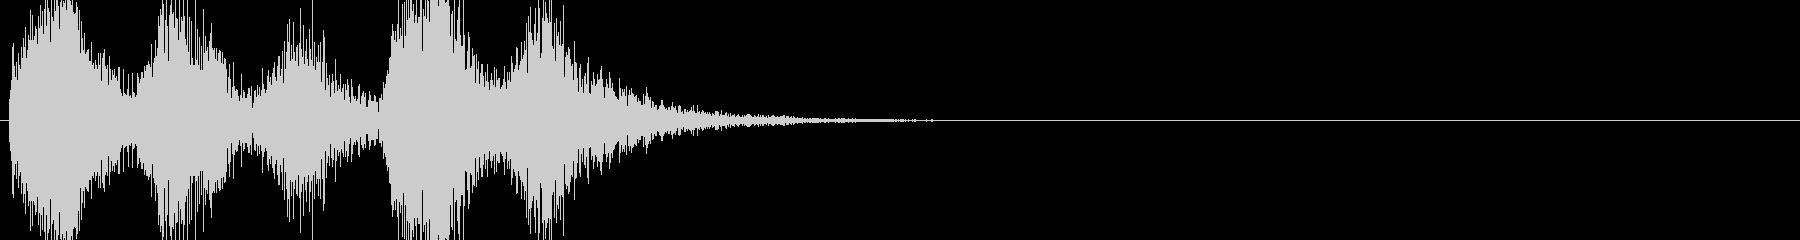 チャチャチャチャチャンの未再生の波形